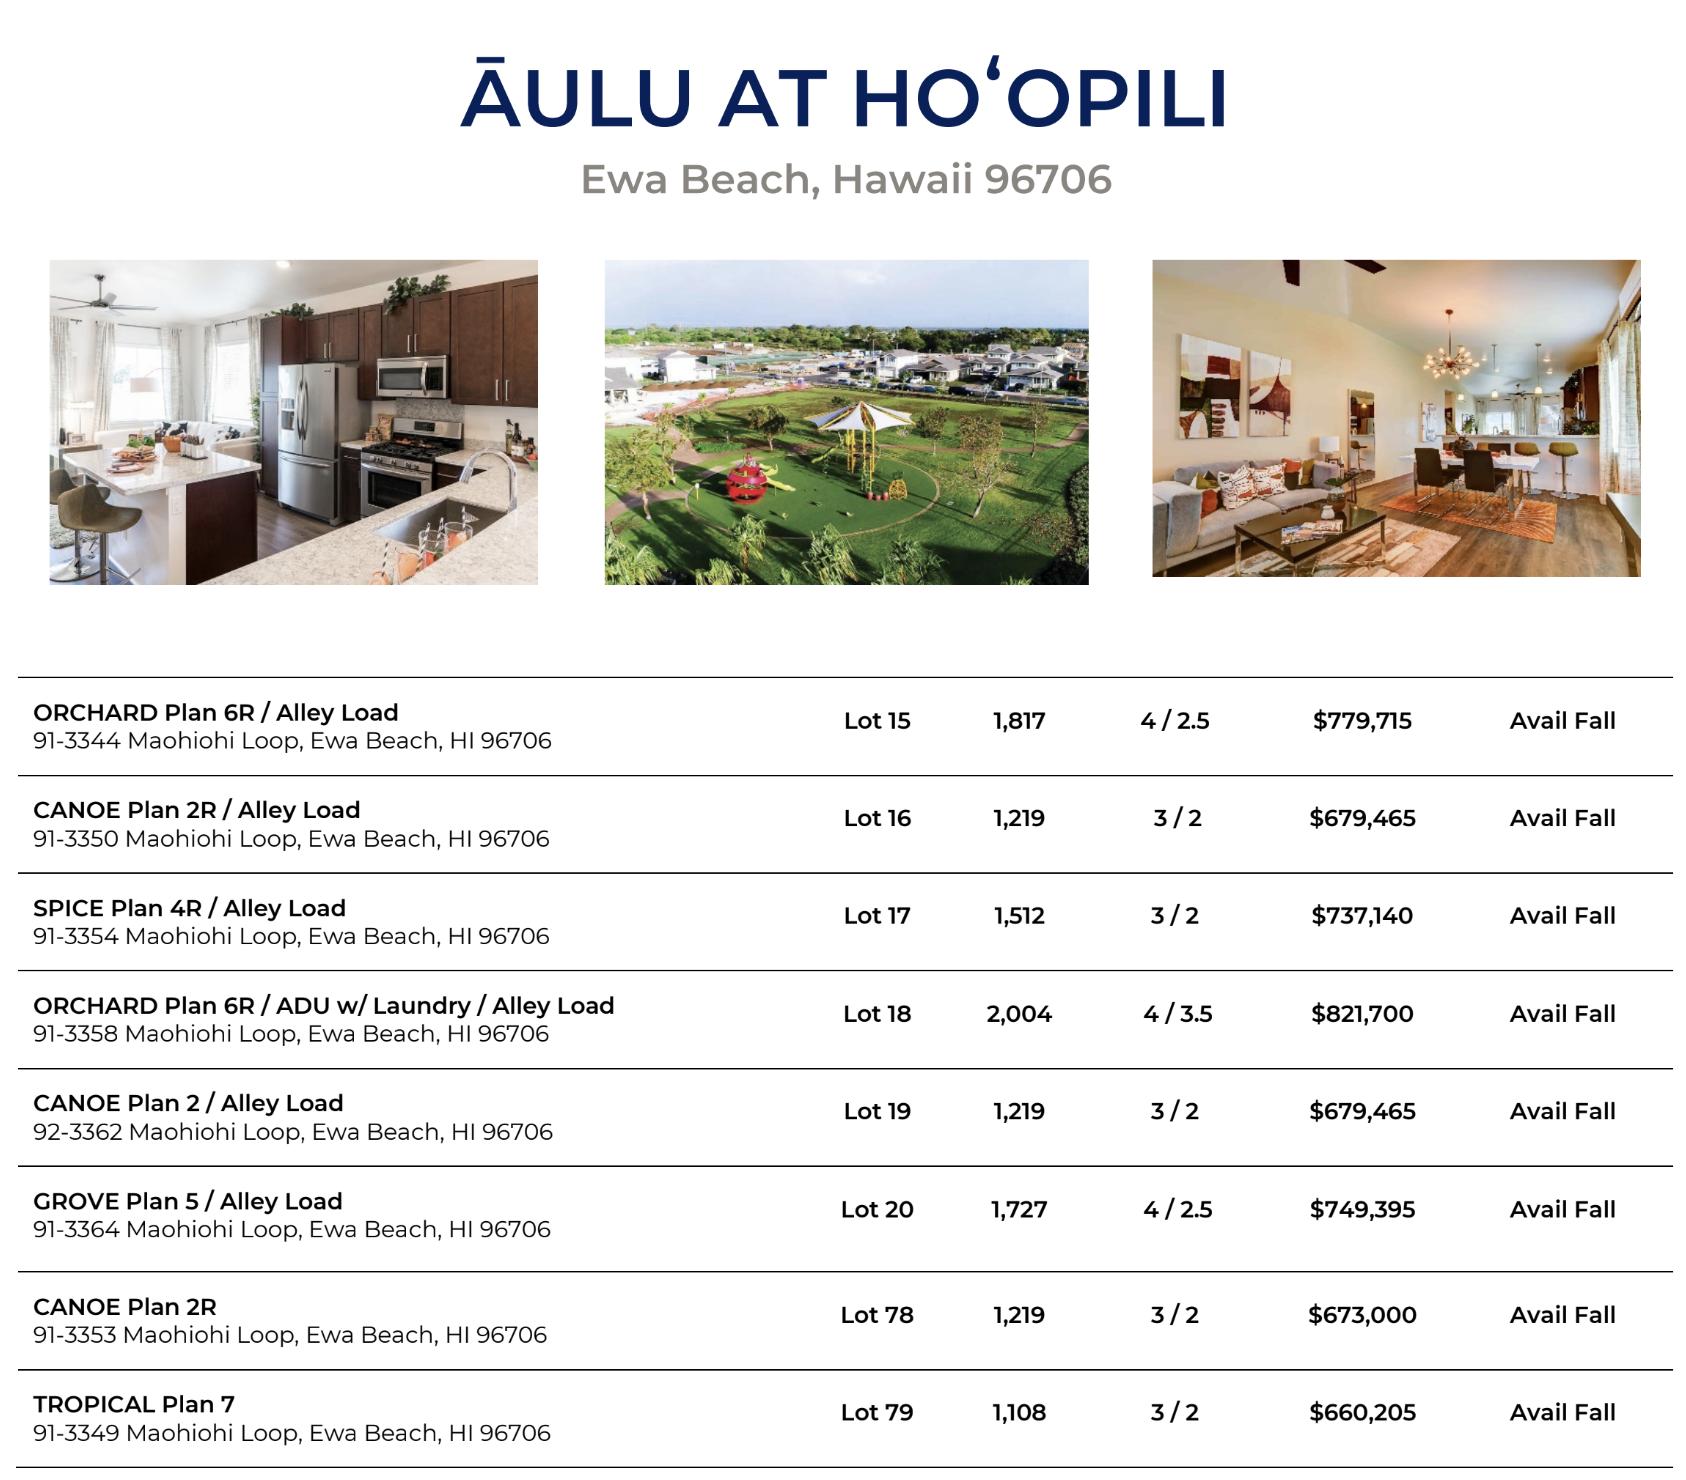 Aulu Price Sheet - Lottery 1